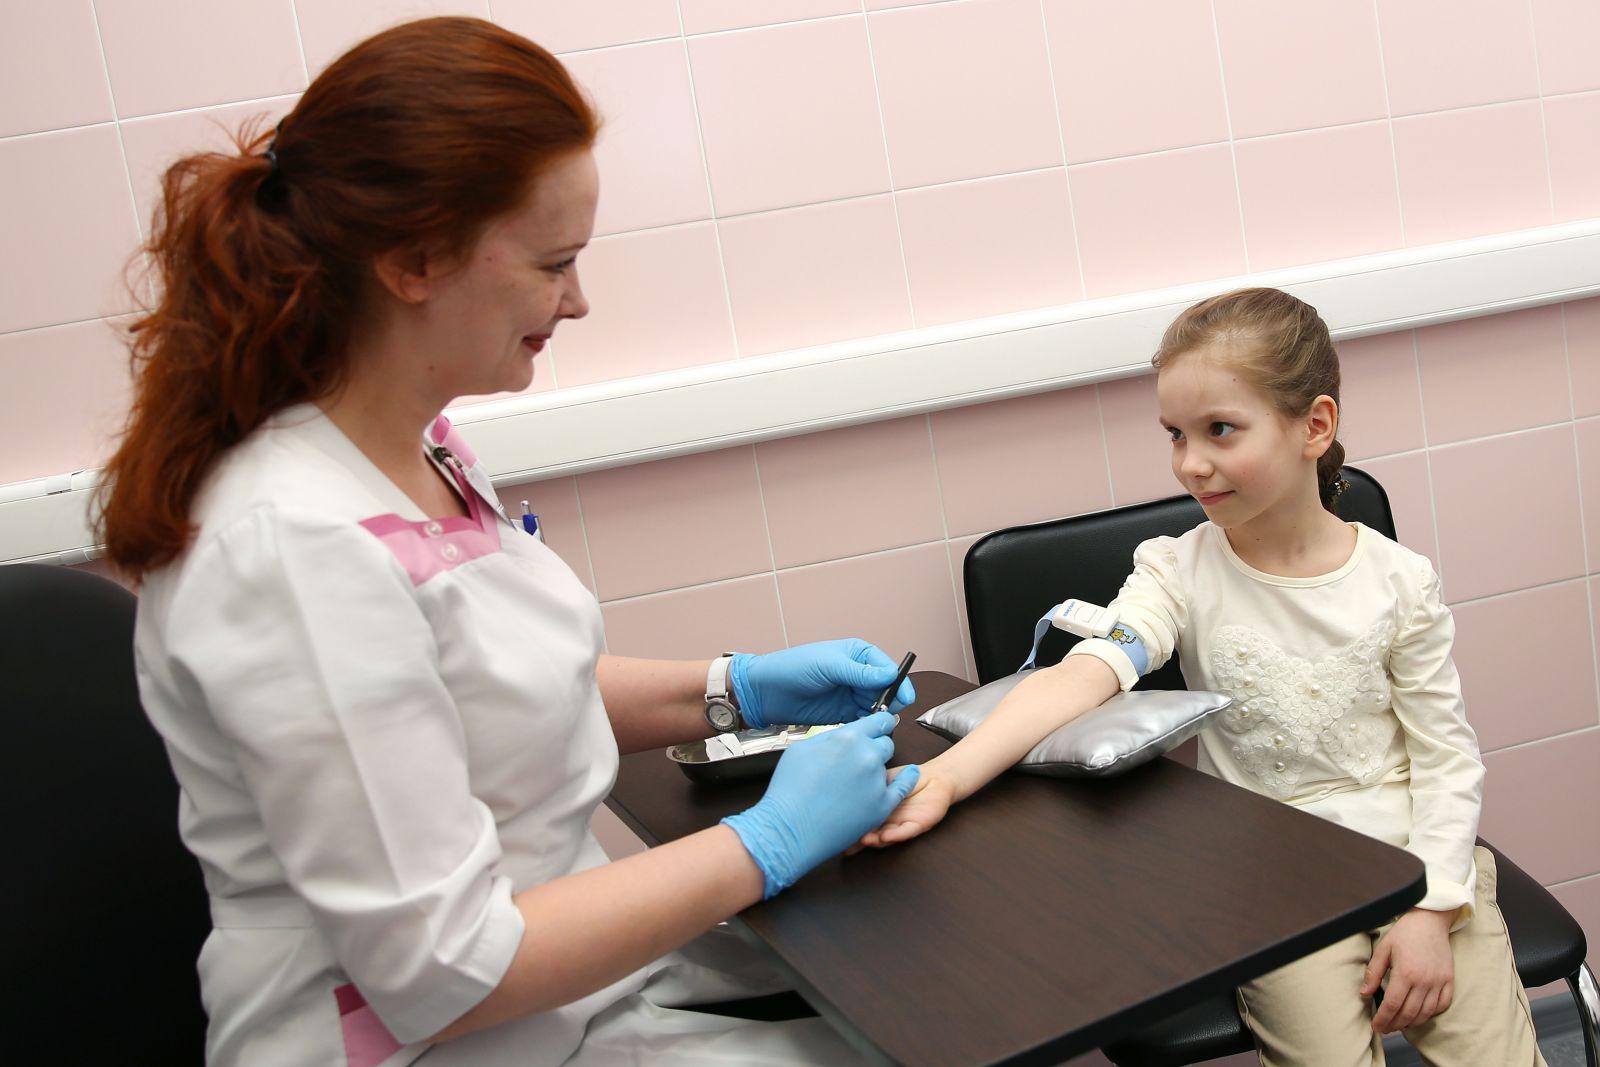 О чем расскажет биохимический анализ крови у детей